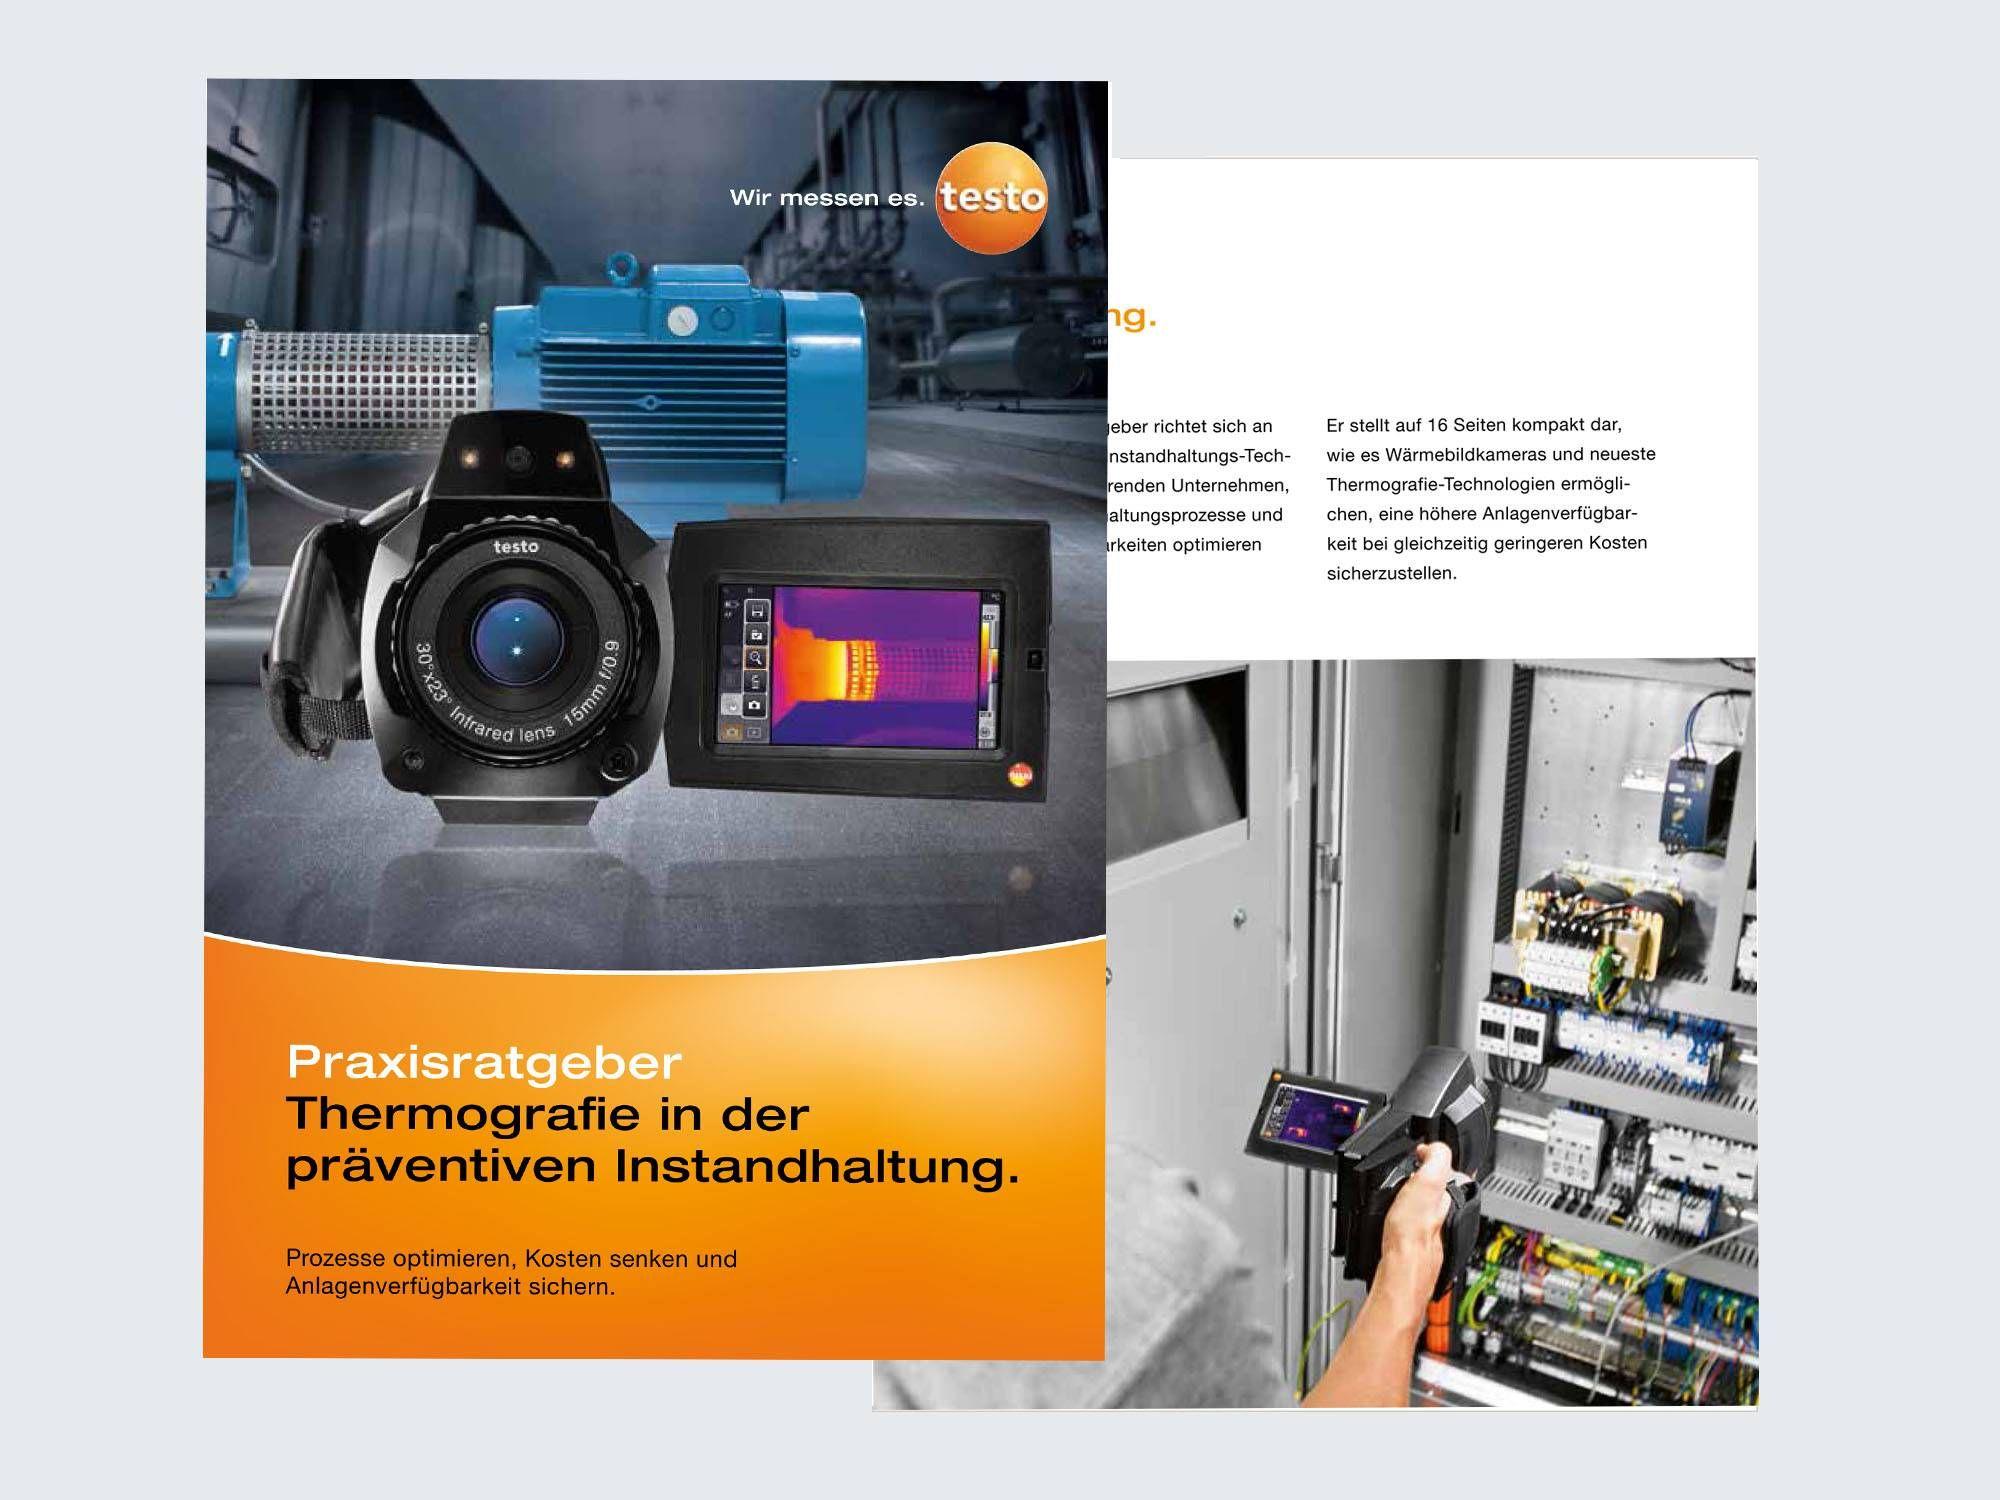 thermografie-präventive-instandhaltung-download-vorschau.jpg